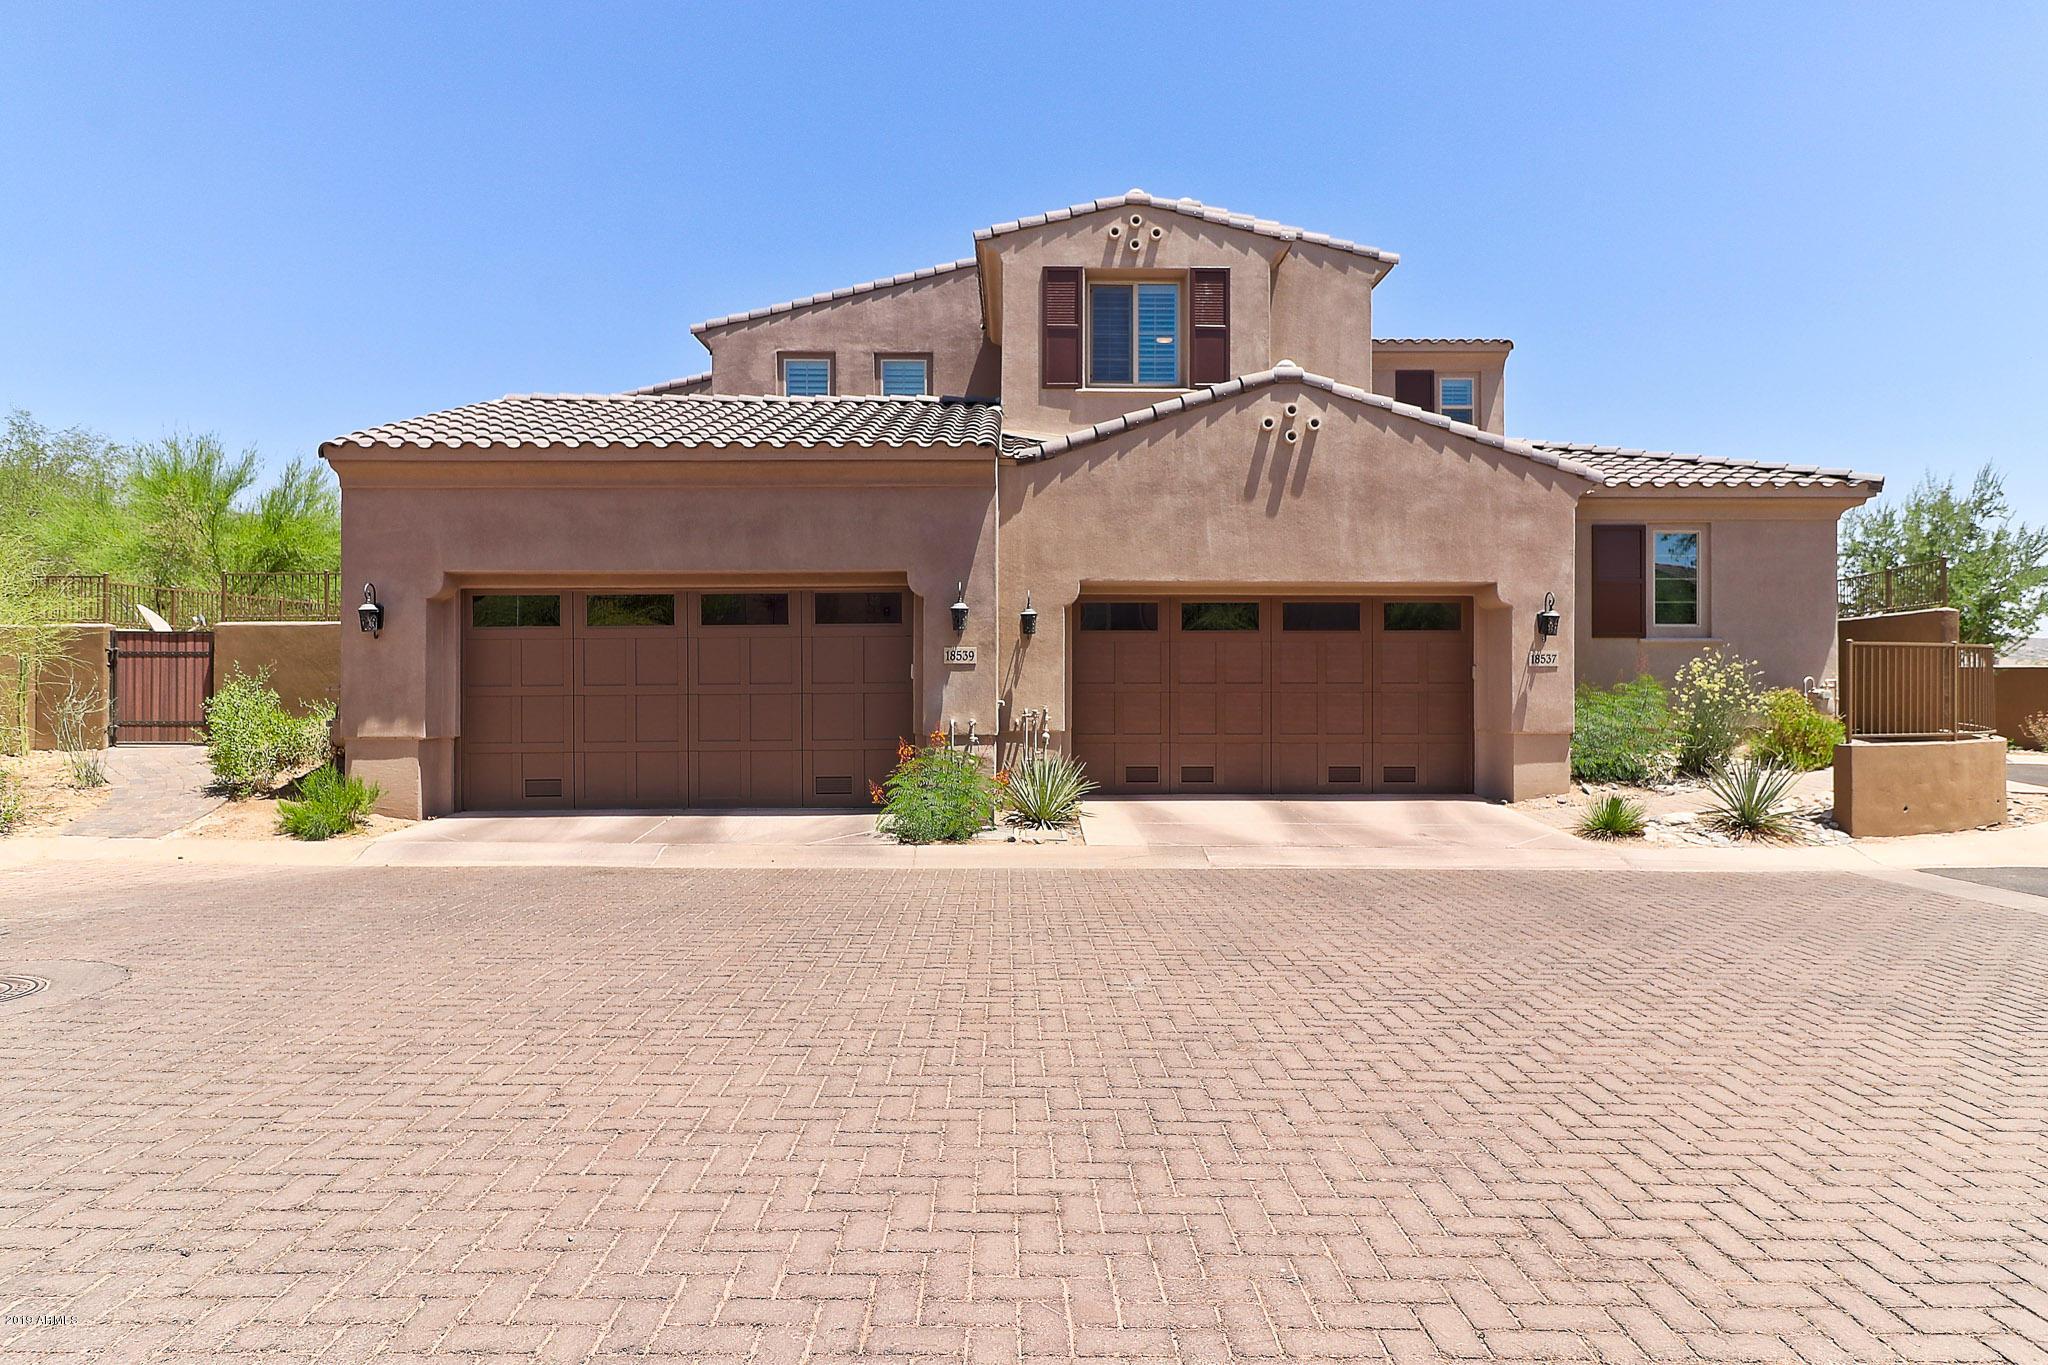 MLS 5903531 18537 N 94TH Street, Scottsdale, AZ 85255 Scottsdale AZ Luxury